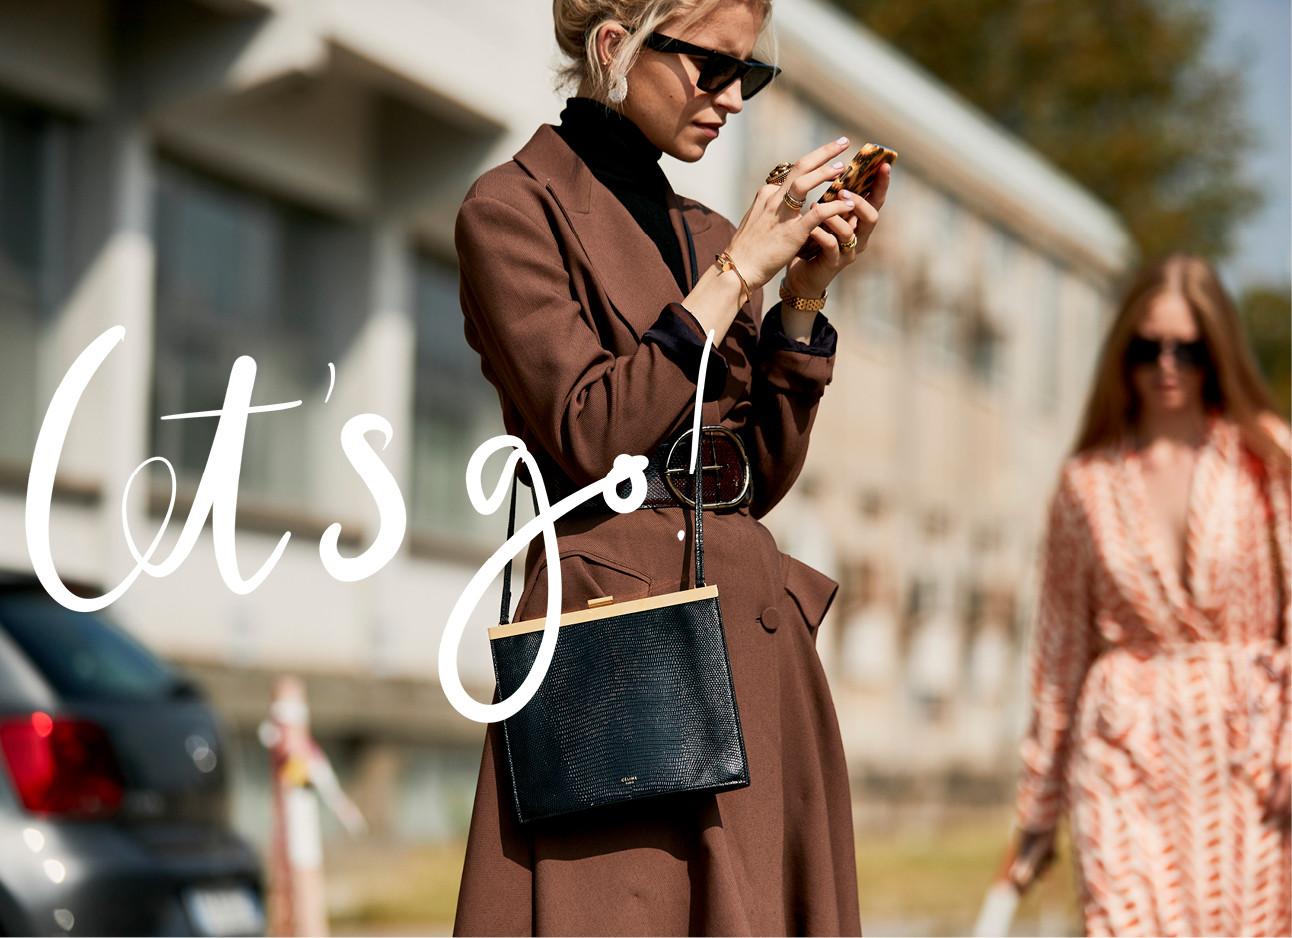 meisje op haar mobiel met bruine jas en zwarte tas